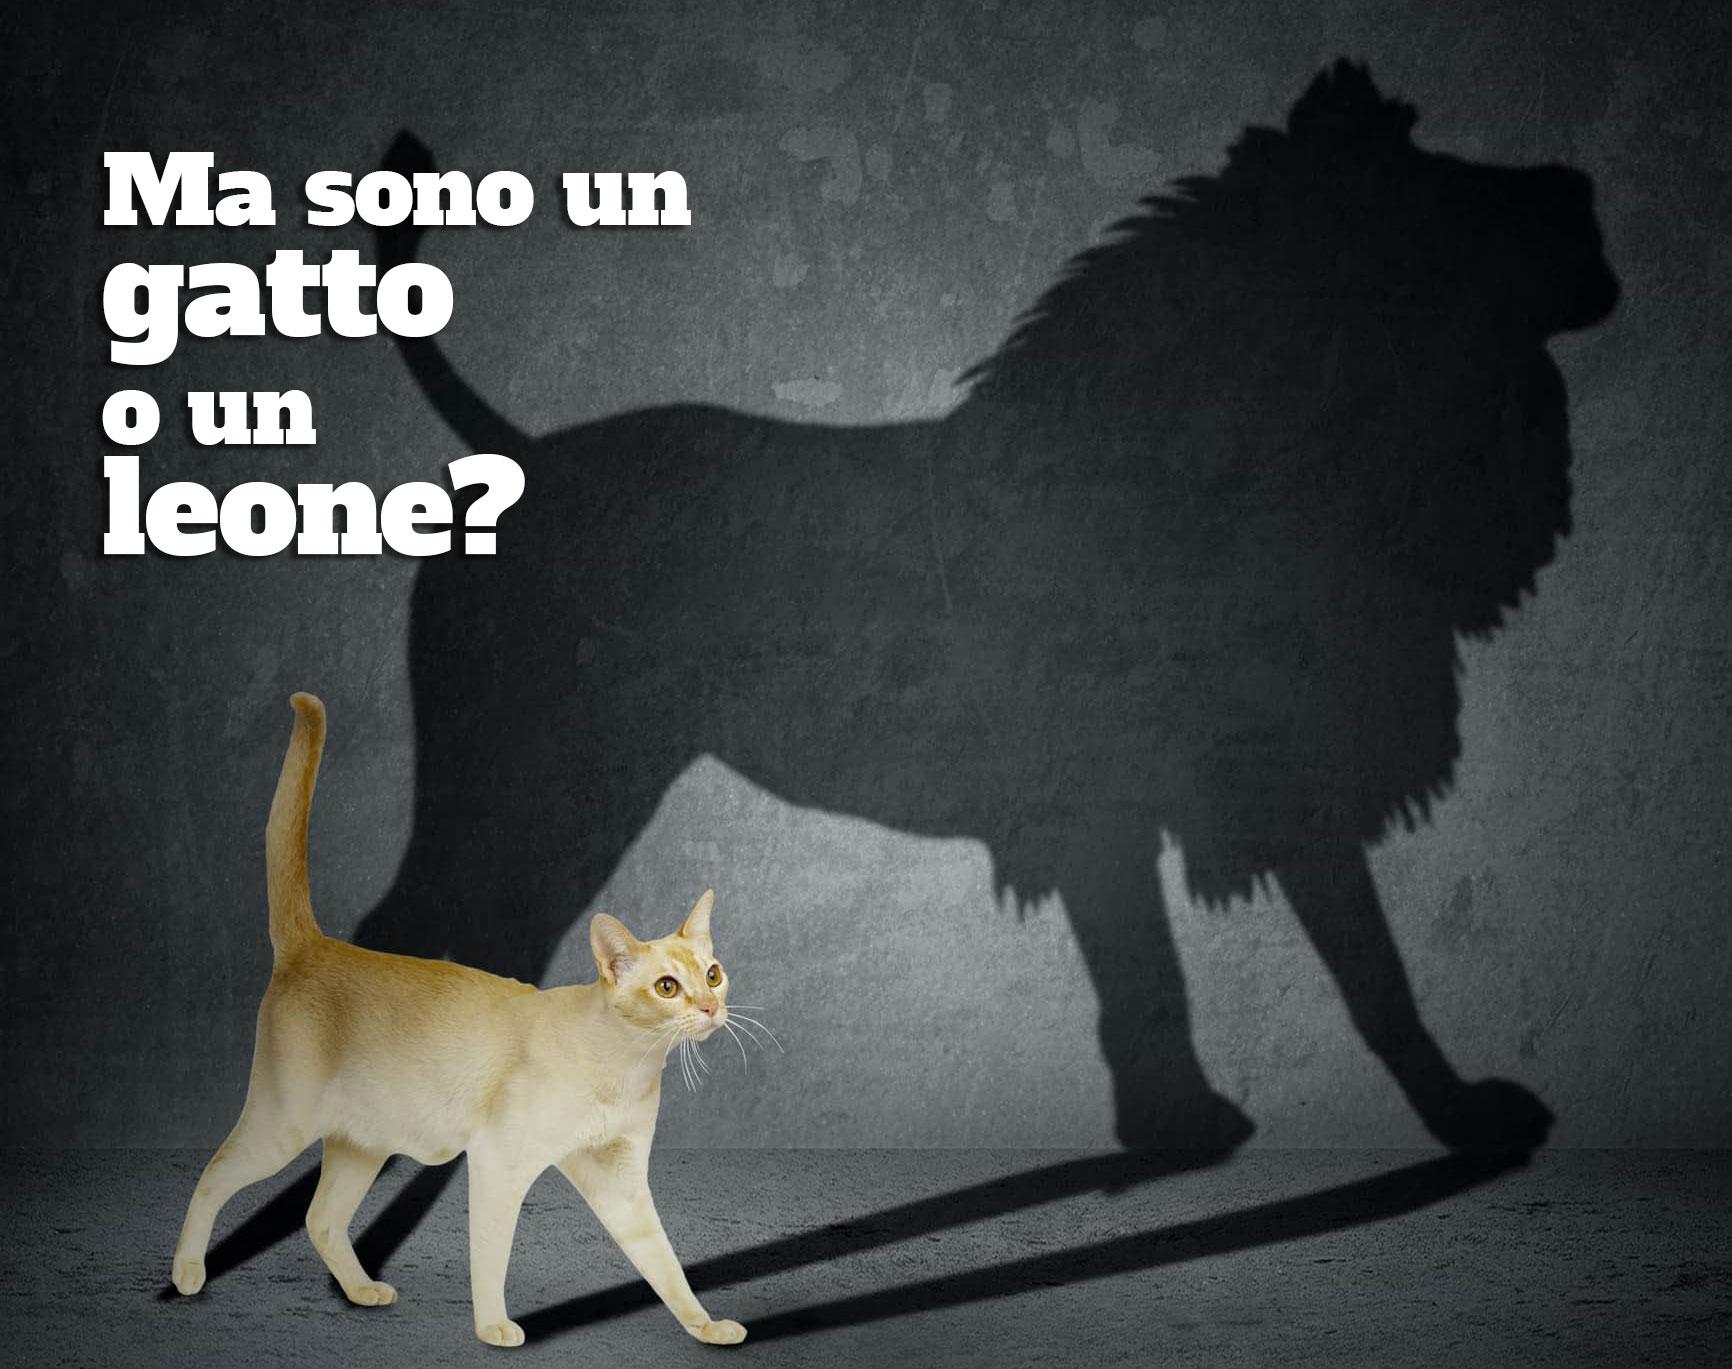 gatto o leone?